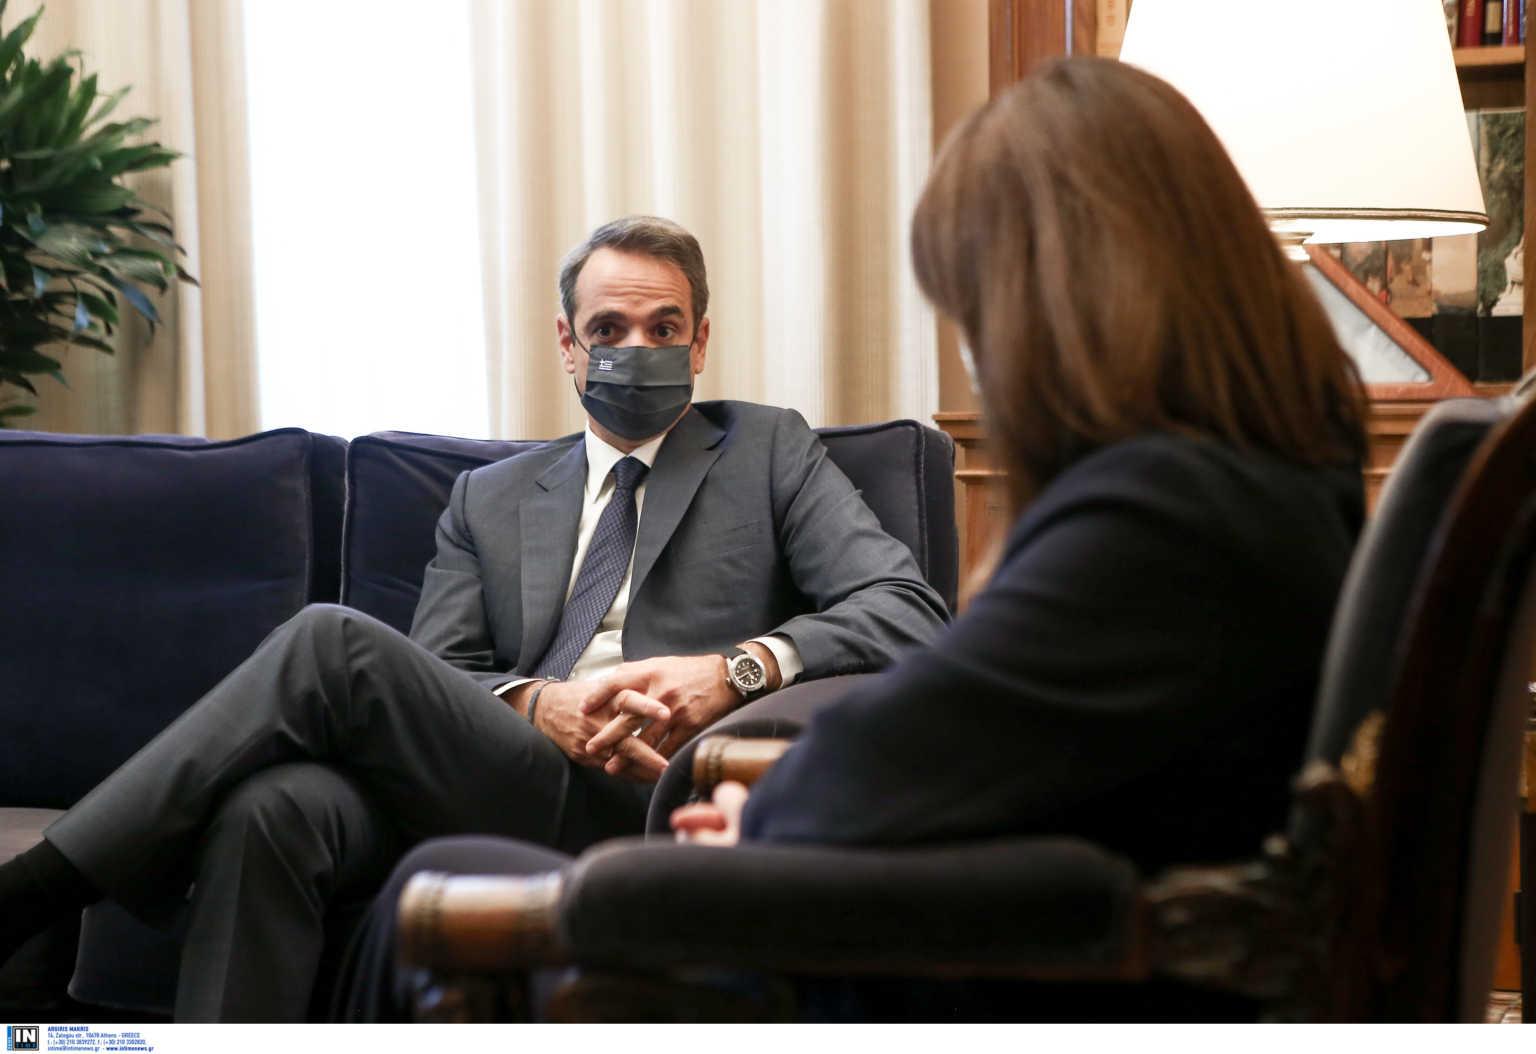 Μητσοτάκης: Θα απευθύνω μήνυμα το απόγευμα στον ελληνικό λαό για την κατάσταση με τον κορωνοϊό